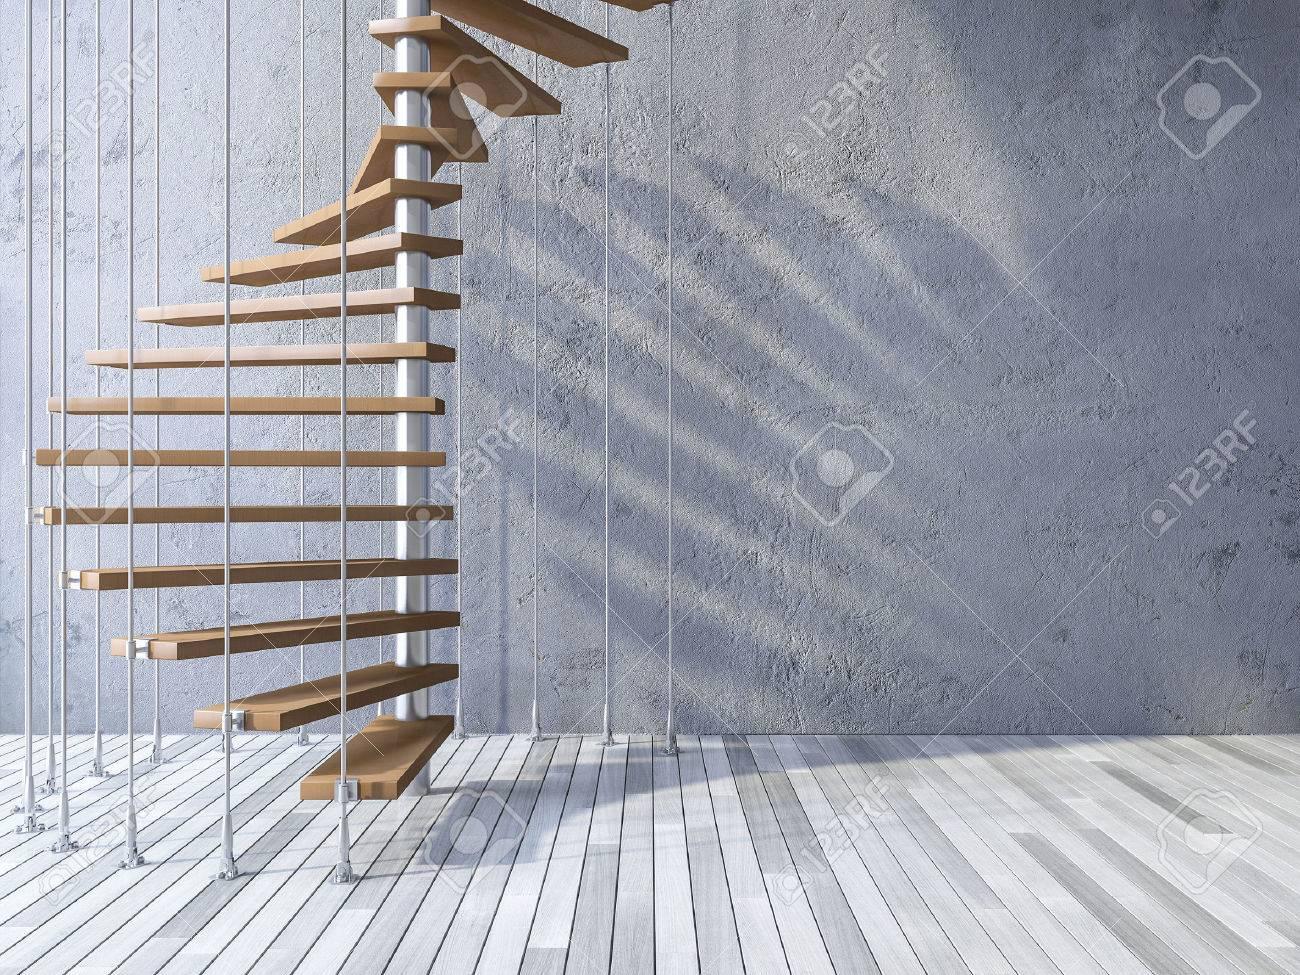 3ds Rindió La Imagen De La Escalera De Caracol De Madera Colgado Del ...